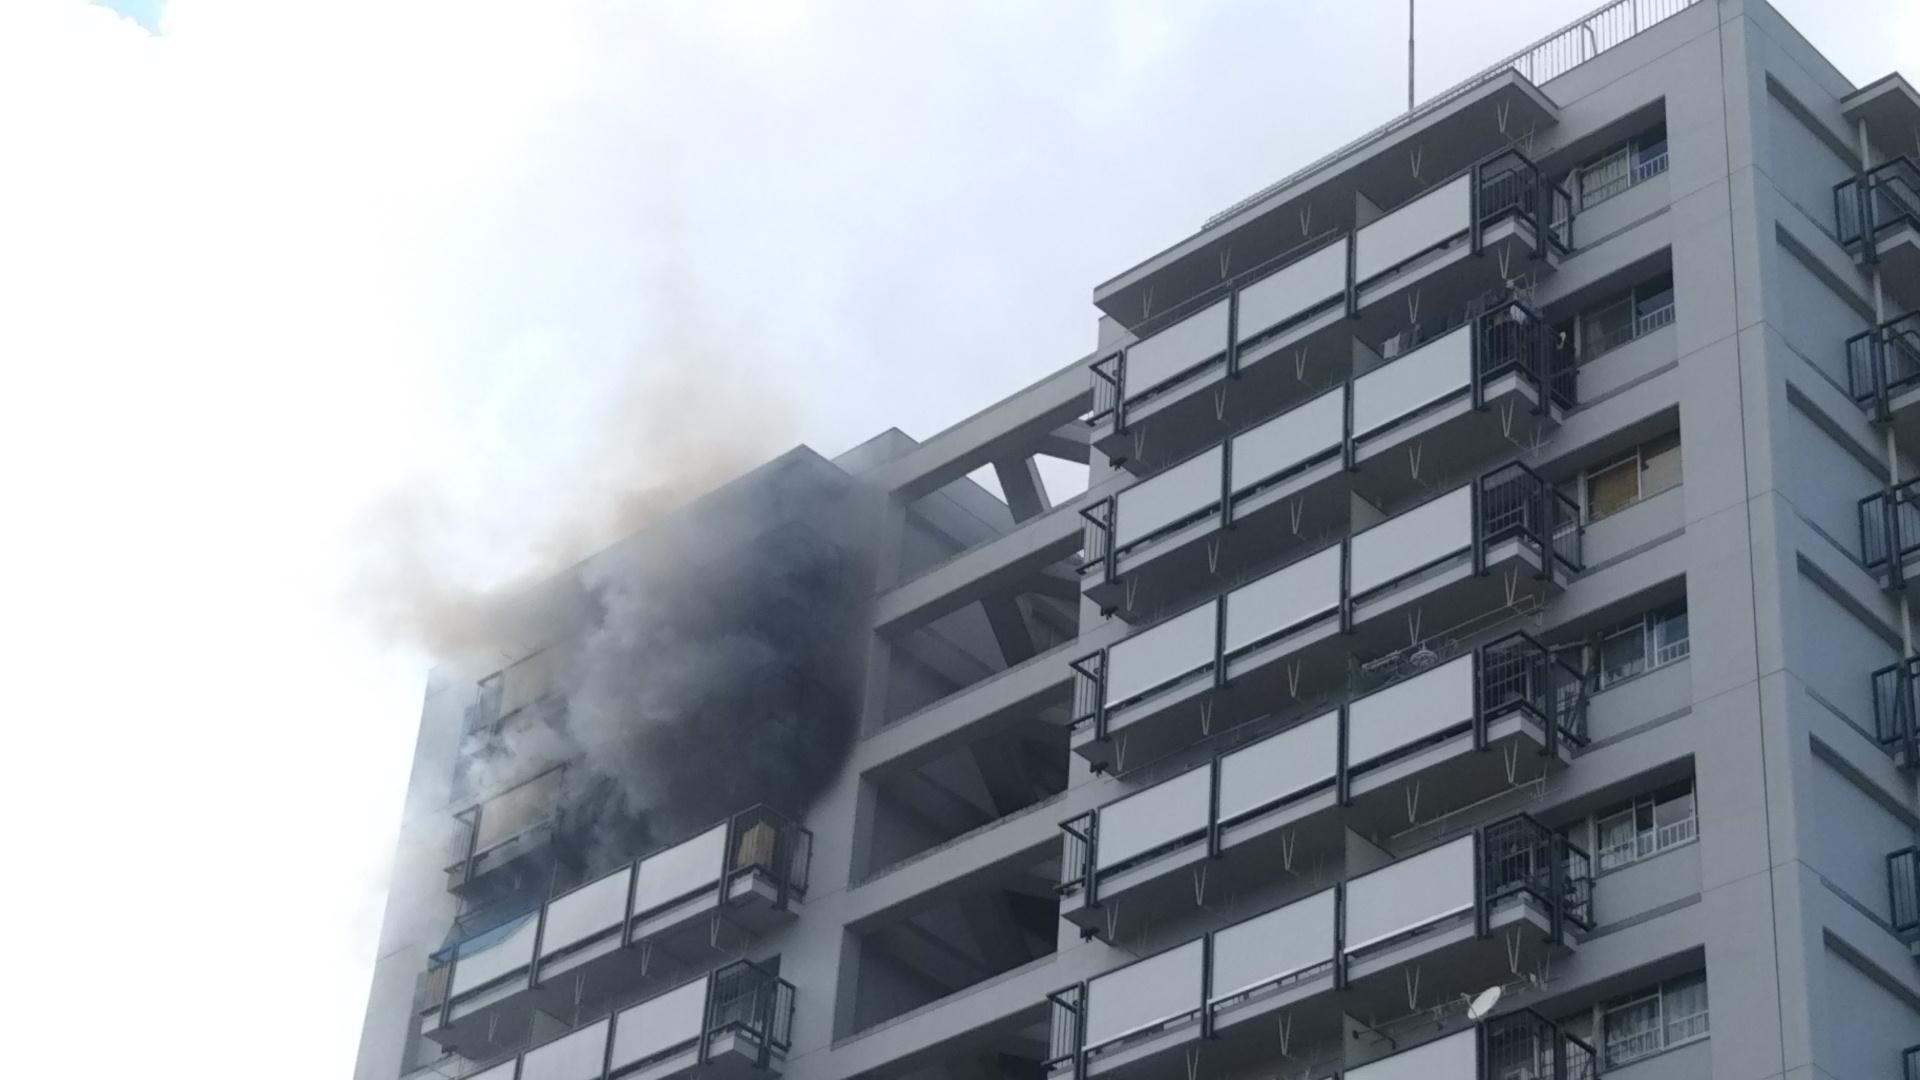 府営要池住宅で火災の状況について